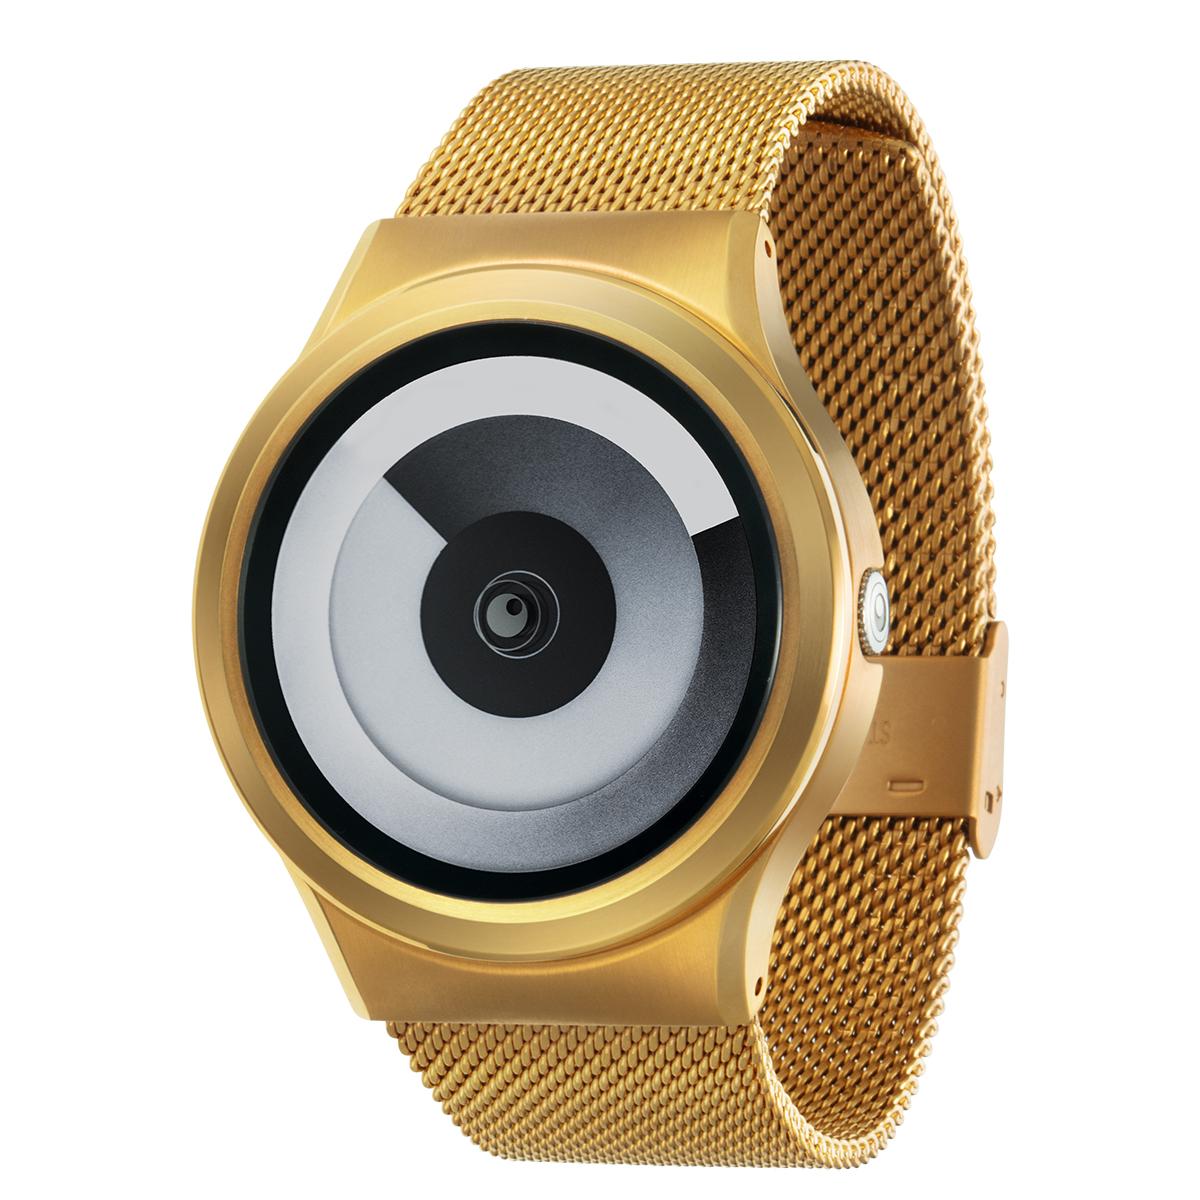 ファッションウォッチ デザインウォッチ 5ATM メーカー保障12ヶ月 絶品 ベルト調整用工具 LOGO入りクロス 取扱説明書 ZIIIROとは関係ありません 最安値に挑戦 ZEROOTIME ゼロタイム ZEROO SPIRAL ペア用 W06016B04SM04 GALAXY ホワイト デザイナーズ 腕時計 おしゃれ時計 電池式クォーツ ゼロ レディース ユニセックス メンズ